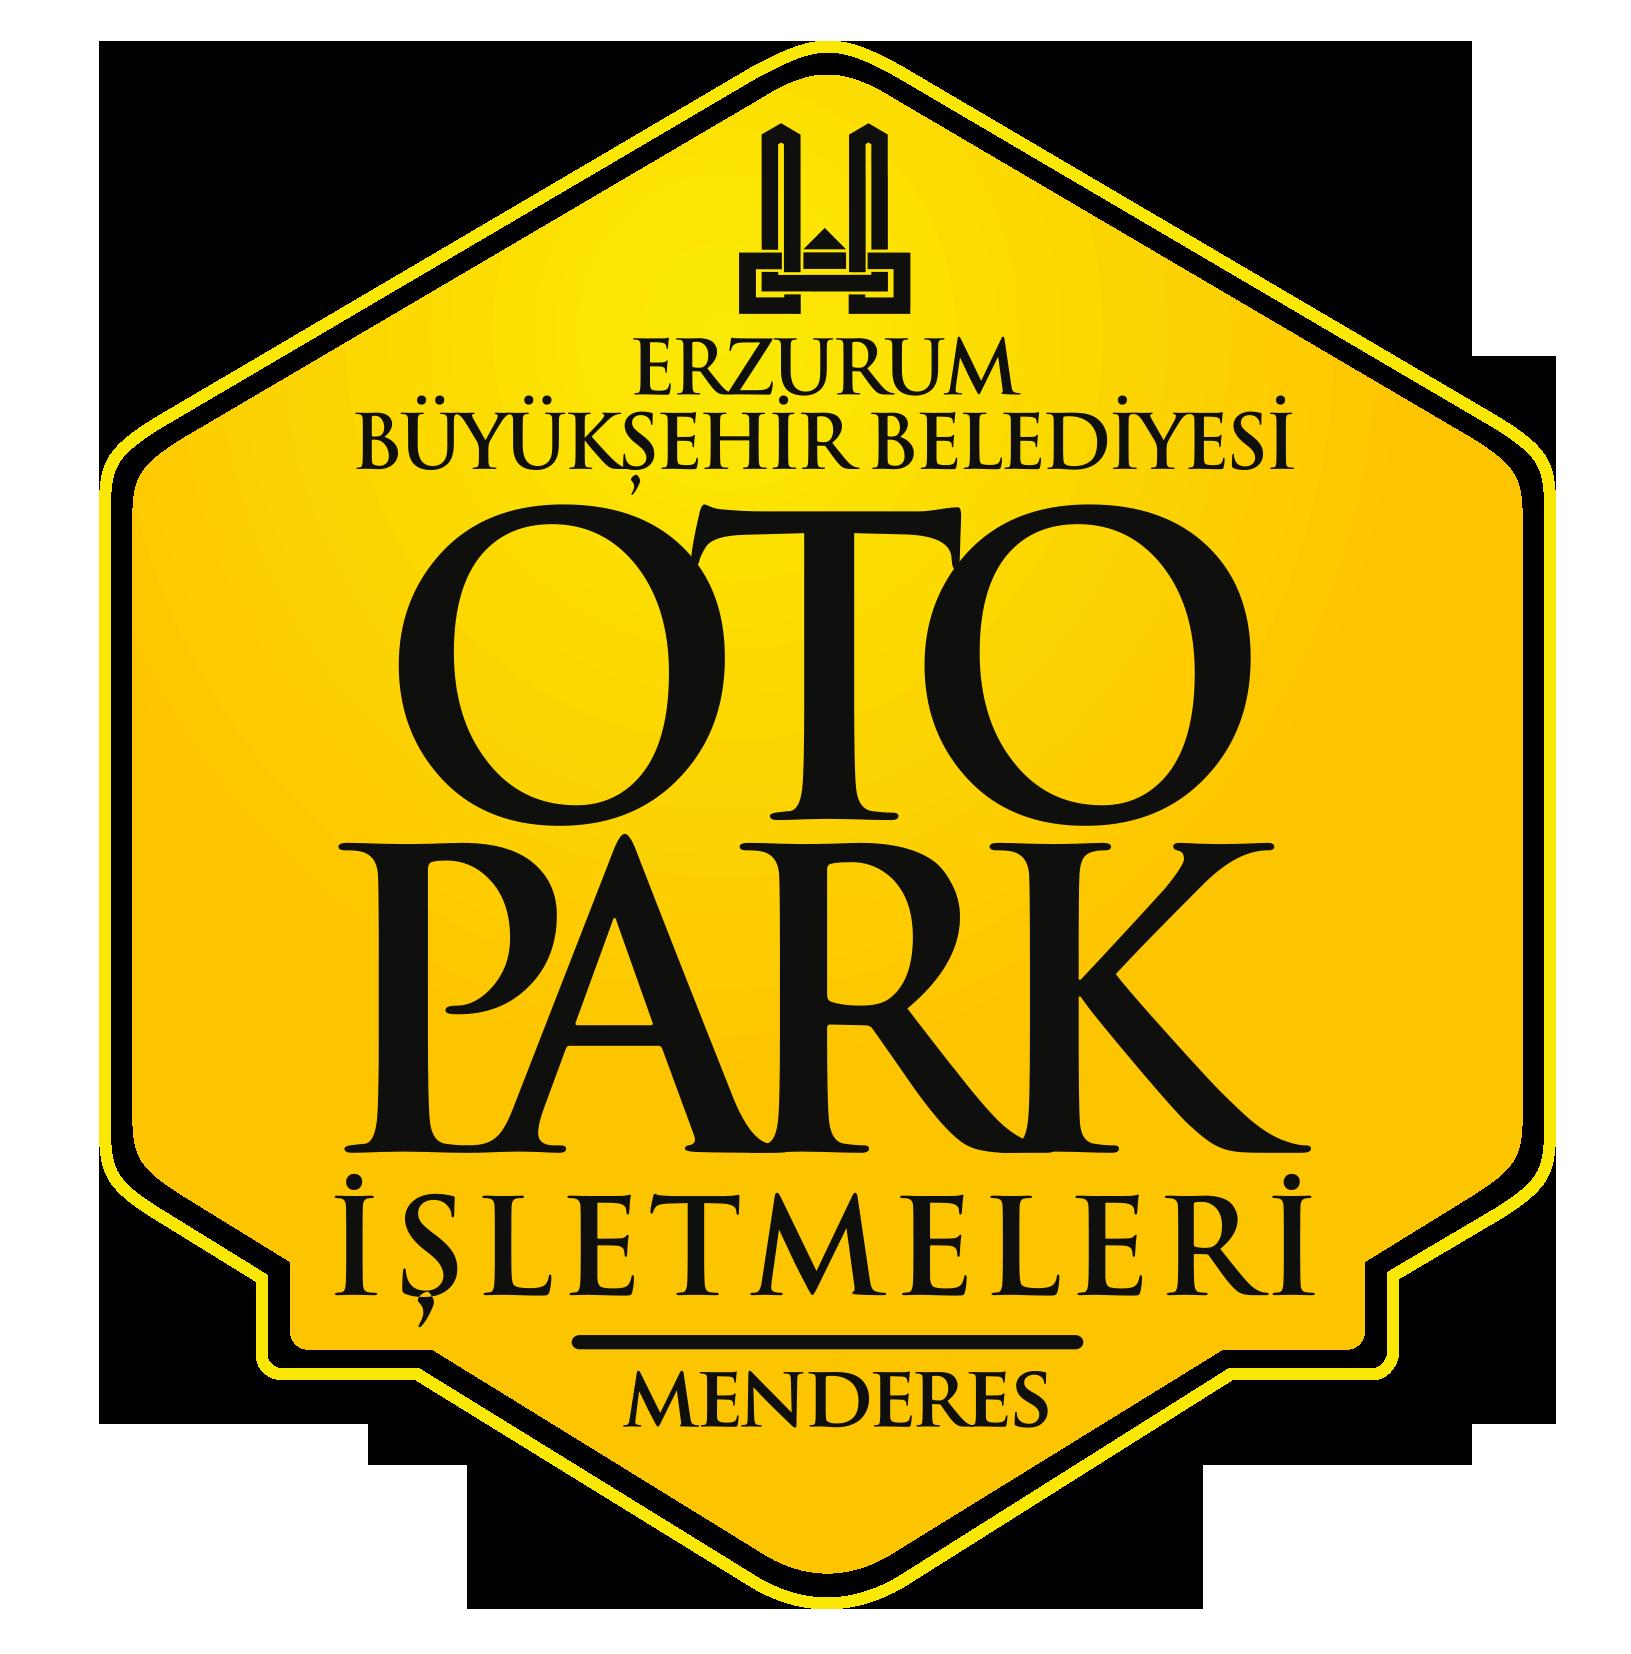 Erzurum Büyükşehir Belediyesi Otopark İşletmeleri - Menderes